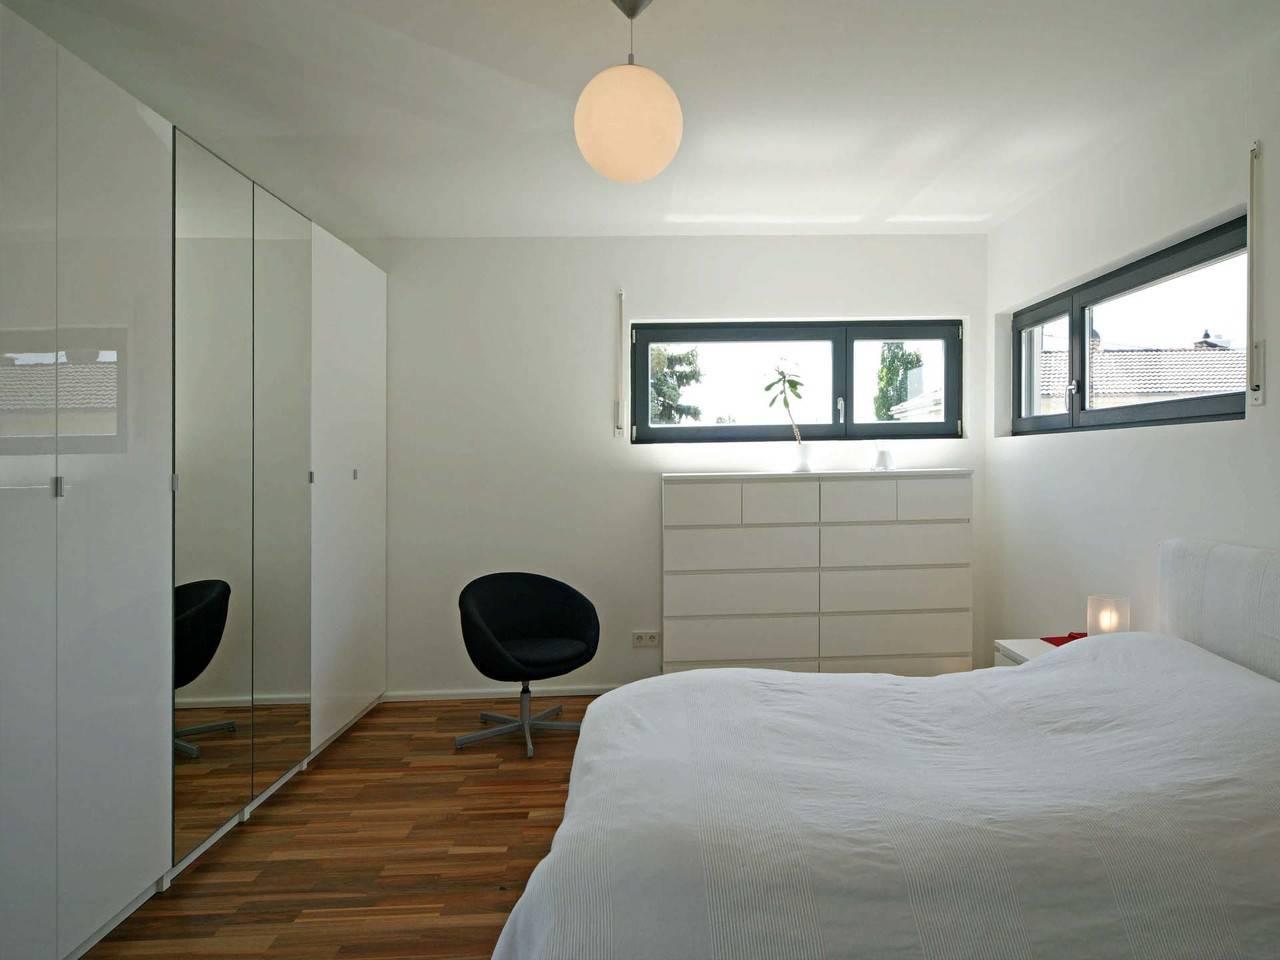 Haus Rauch Fertighaus Weiss Schlafzimmer